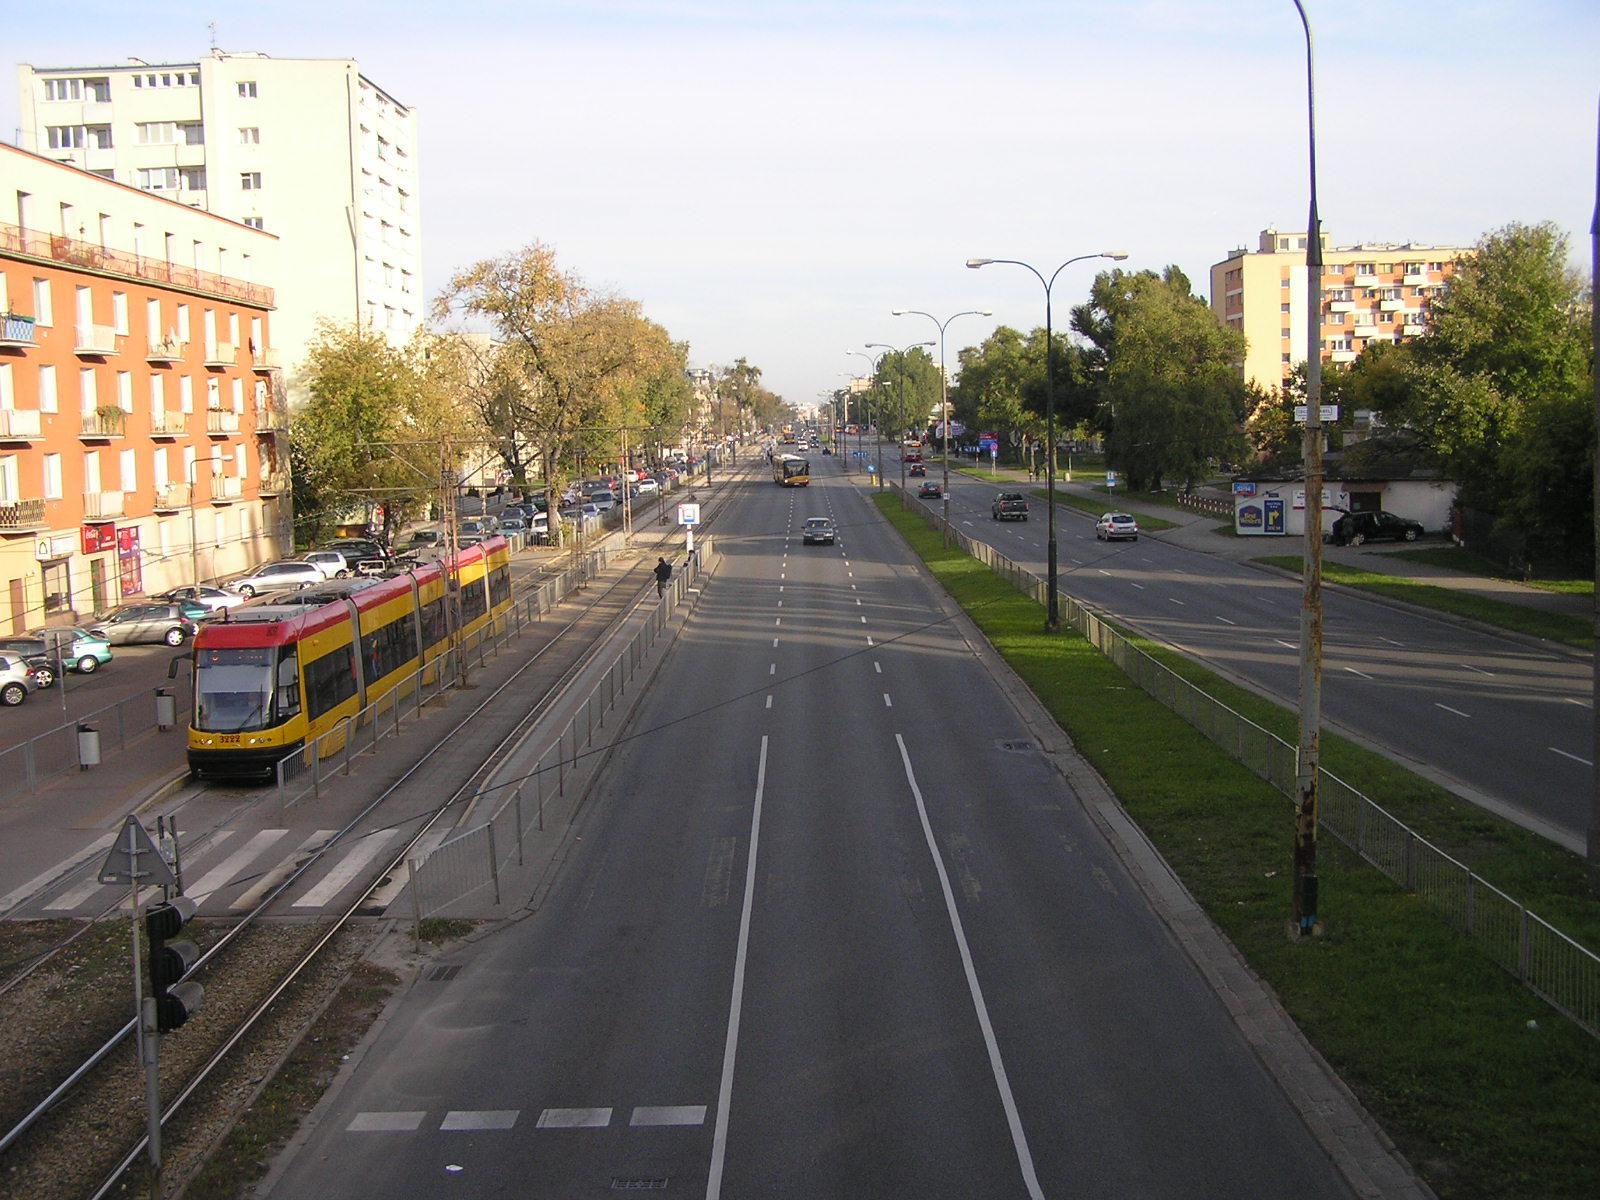 3 mln zł na modernizacje oświetlenia i sygnalizacji na Grochowskiej